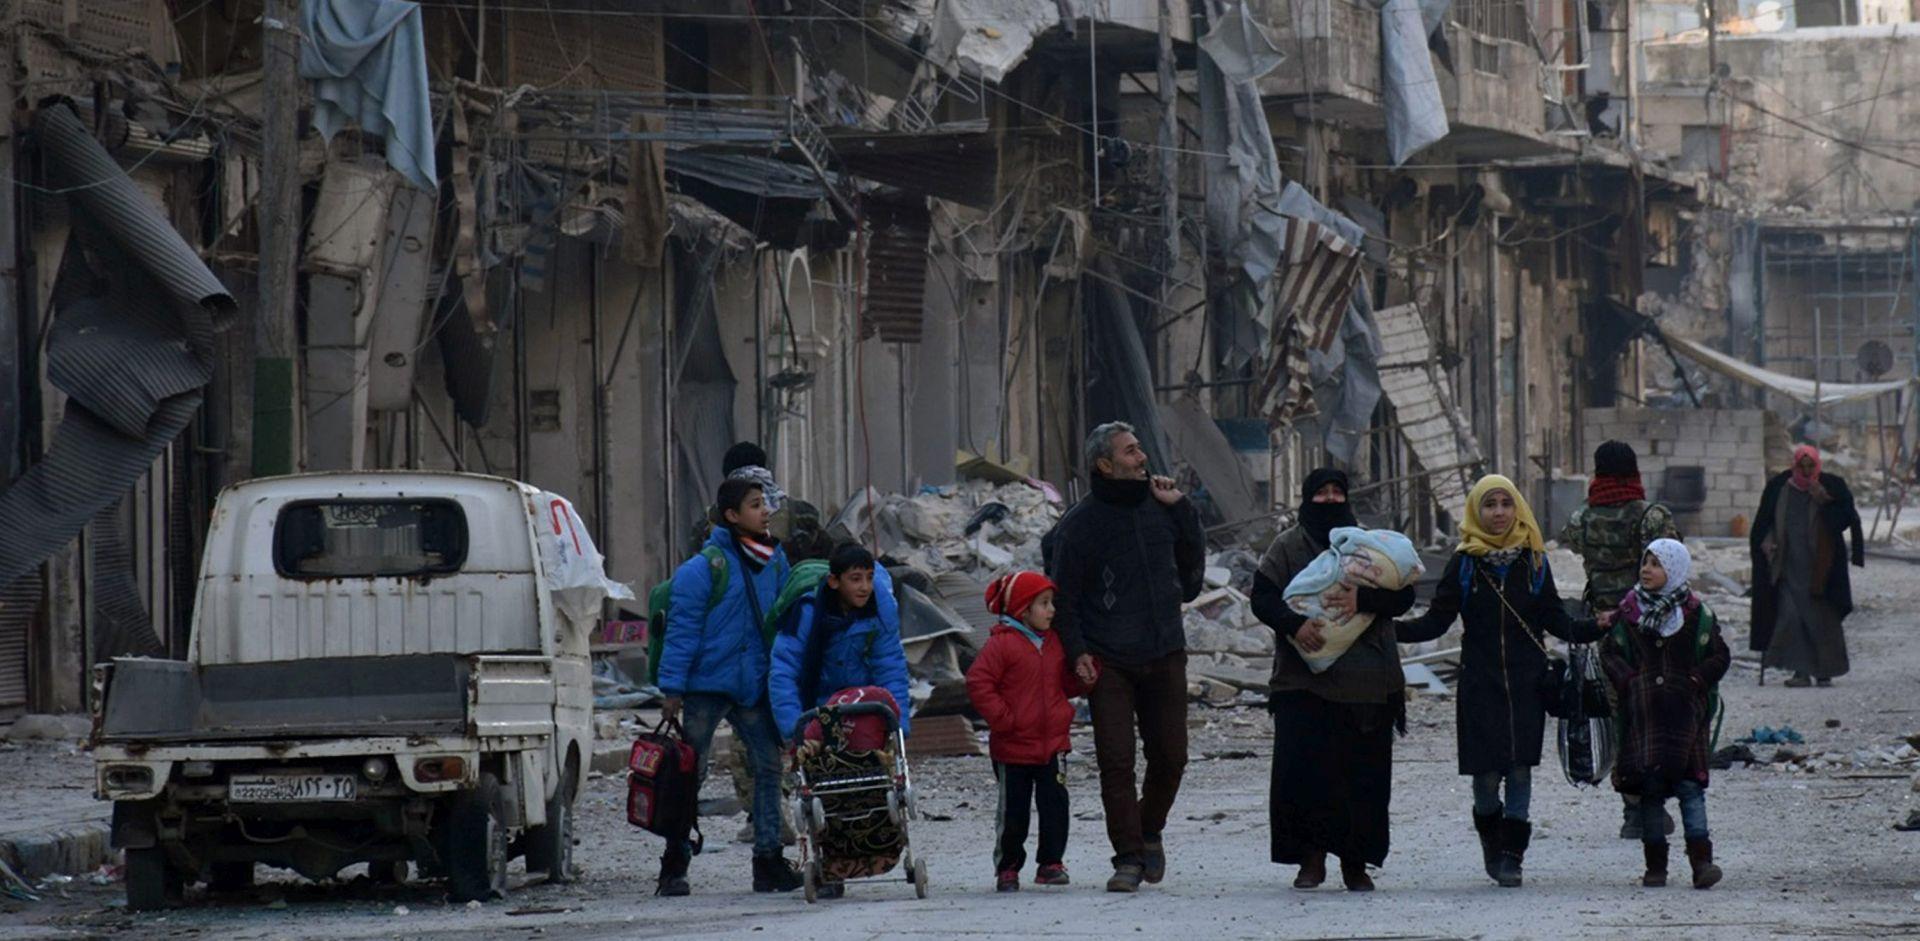 CRVENI KRIŽ: Iz Alepa evakuirano 150 civila, uglavnom bolesnika